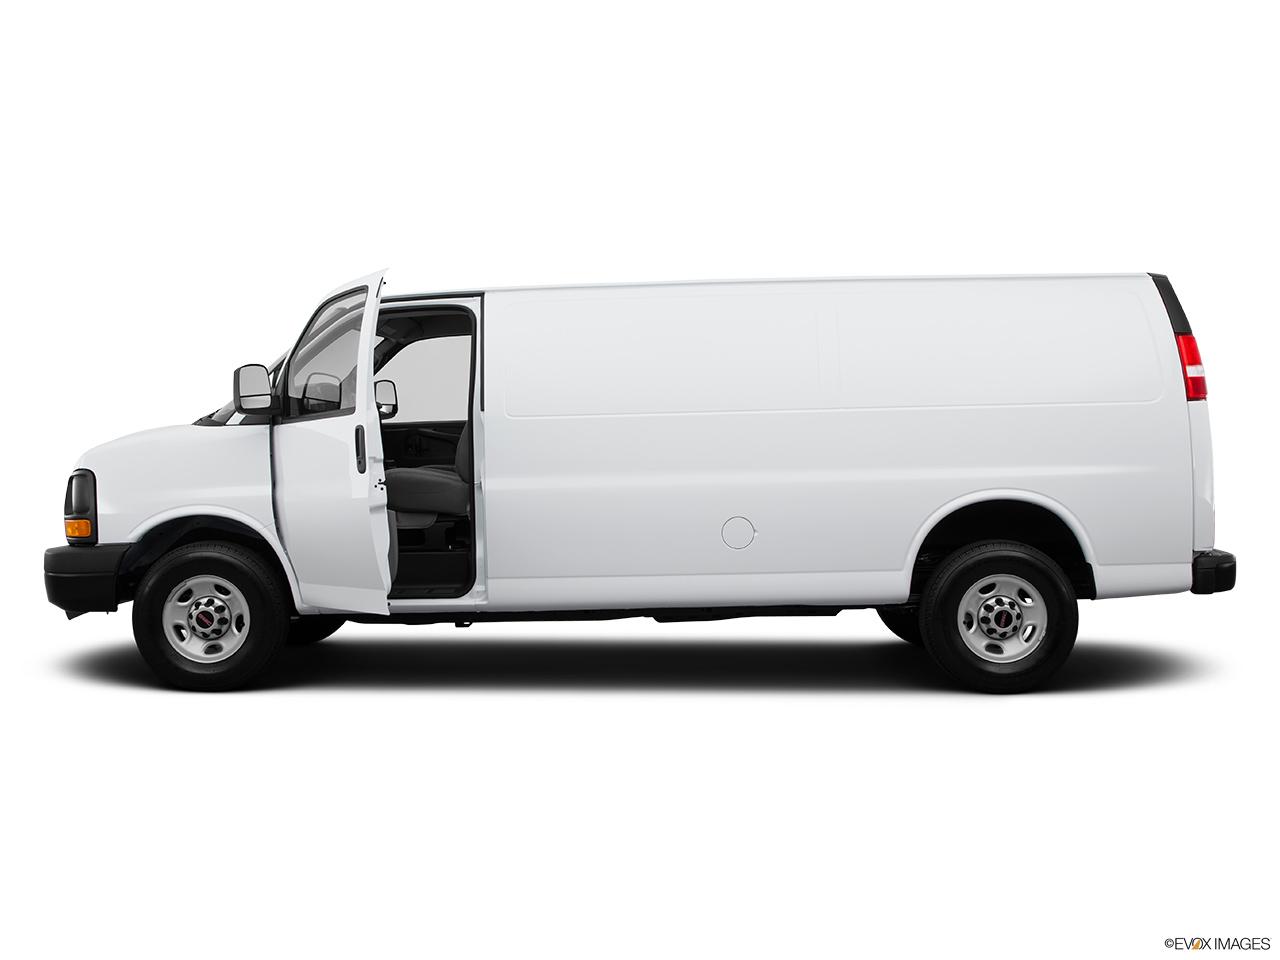 2014 GMC Savana Commercial Cutaway 4500 Van 177